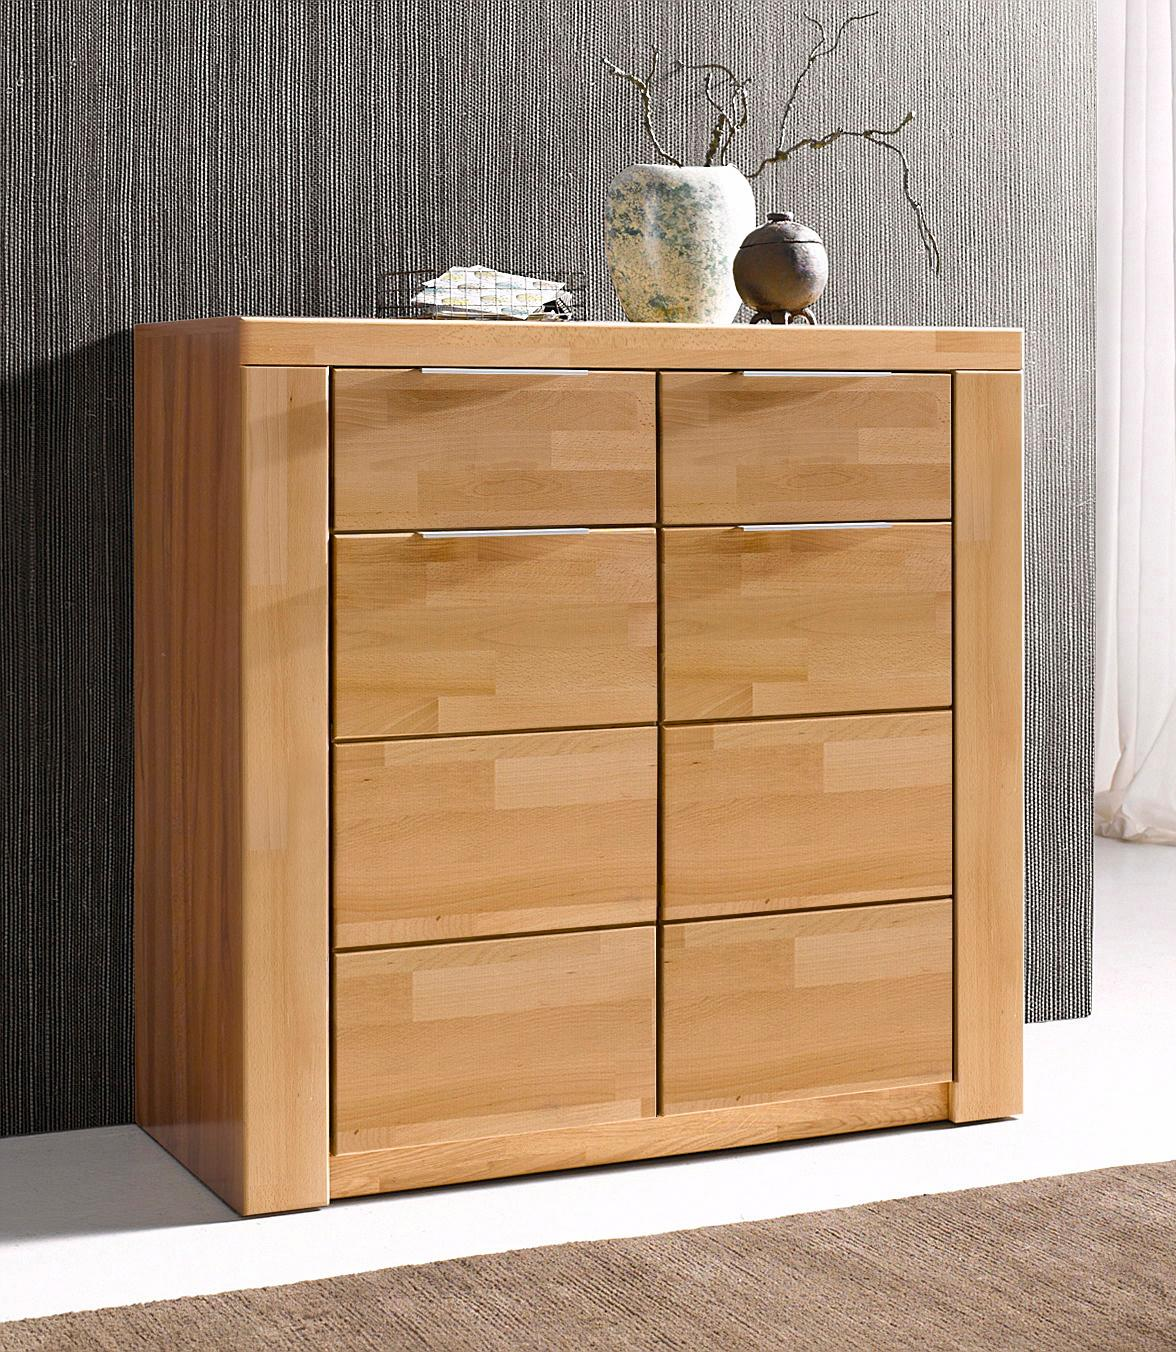 kommode breite 100 cm preisvergleich die besten angebote online kaufen. Black Bedroom Furniture Sets. Home Design Ideas